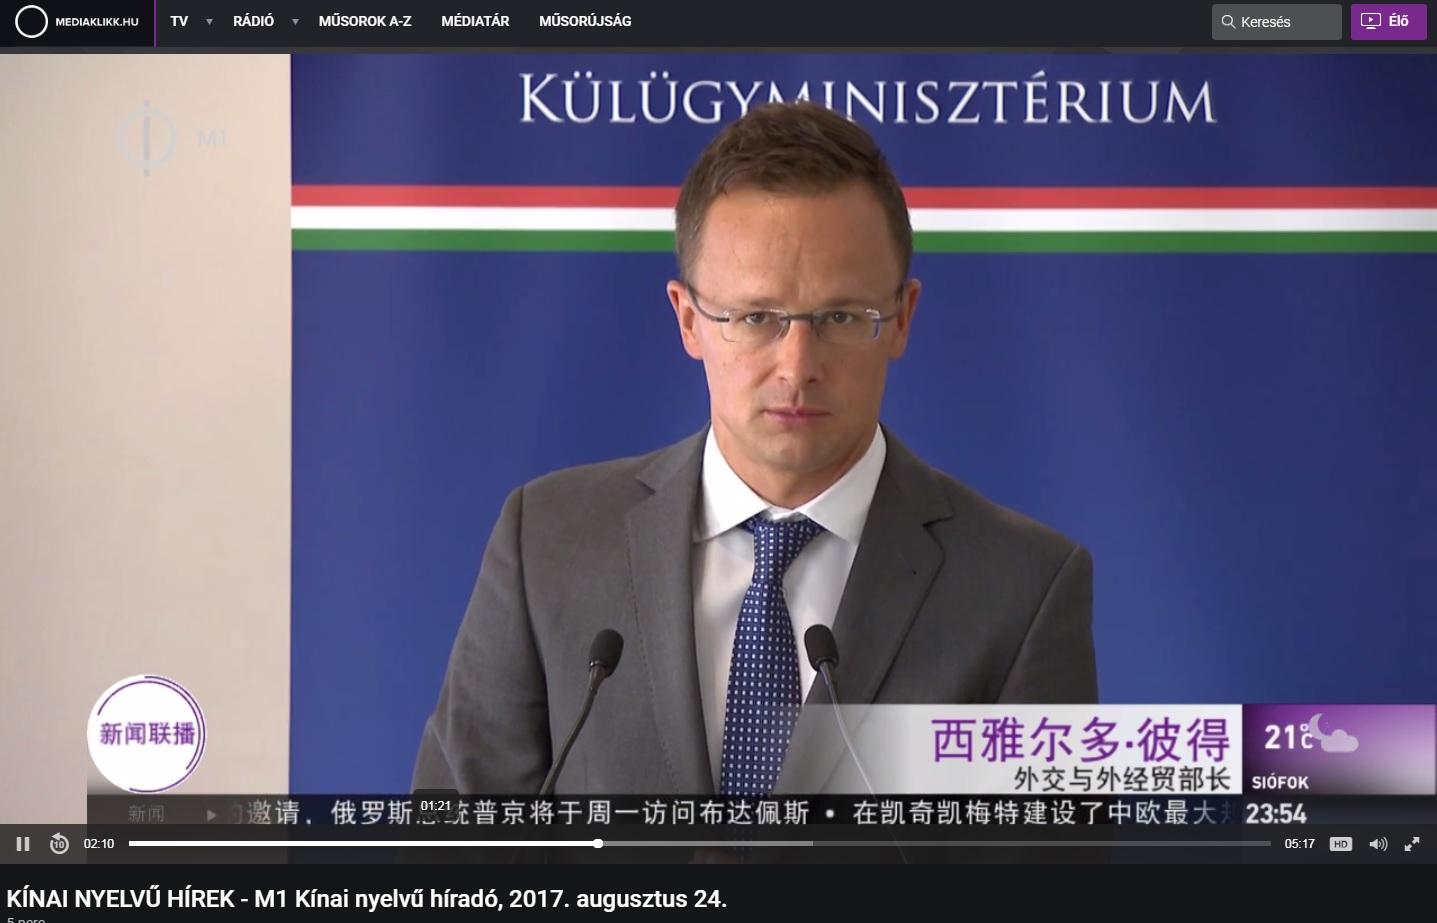 Szijjártó: Nonszensz, hogy azt akarják, Kína bírálatával csökkentsük a gazdasági érdekérvényesítő képességünket